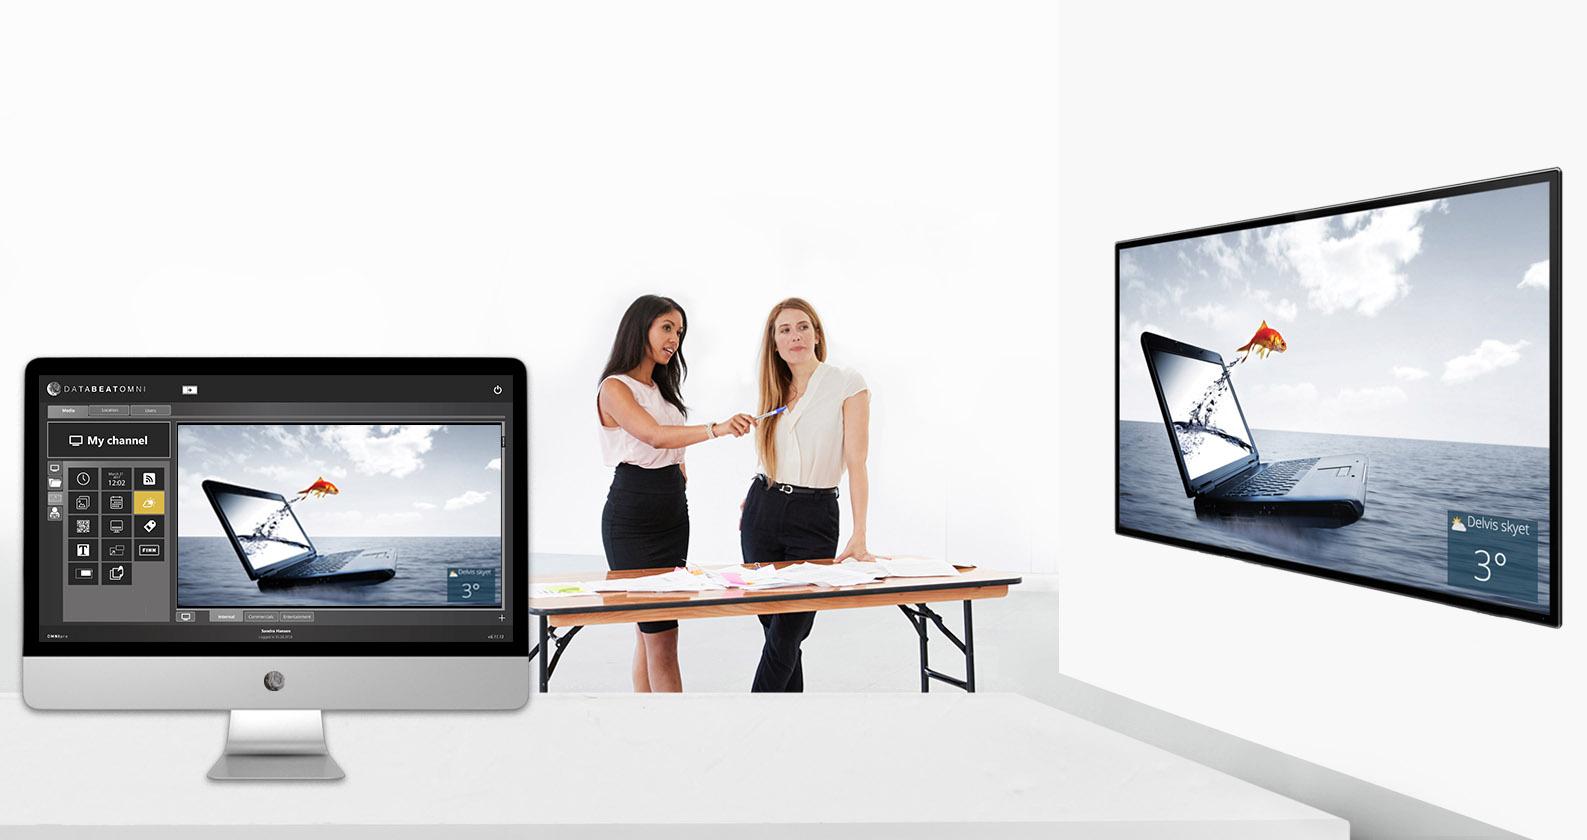 Publisering av innhold fra maskin med digital signage programvaren til skjermen på veggen